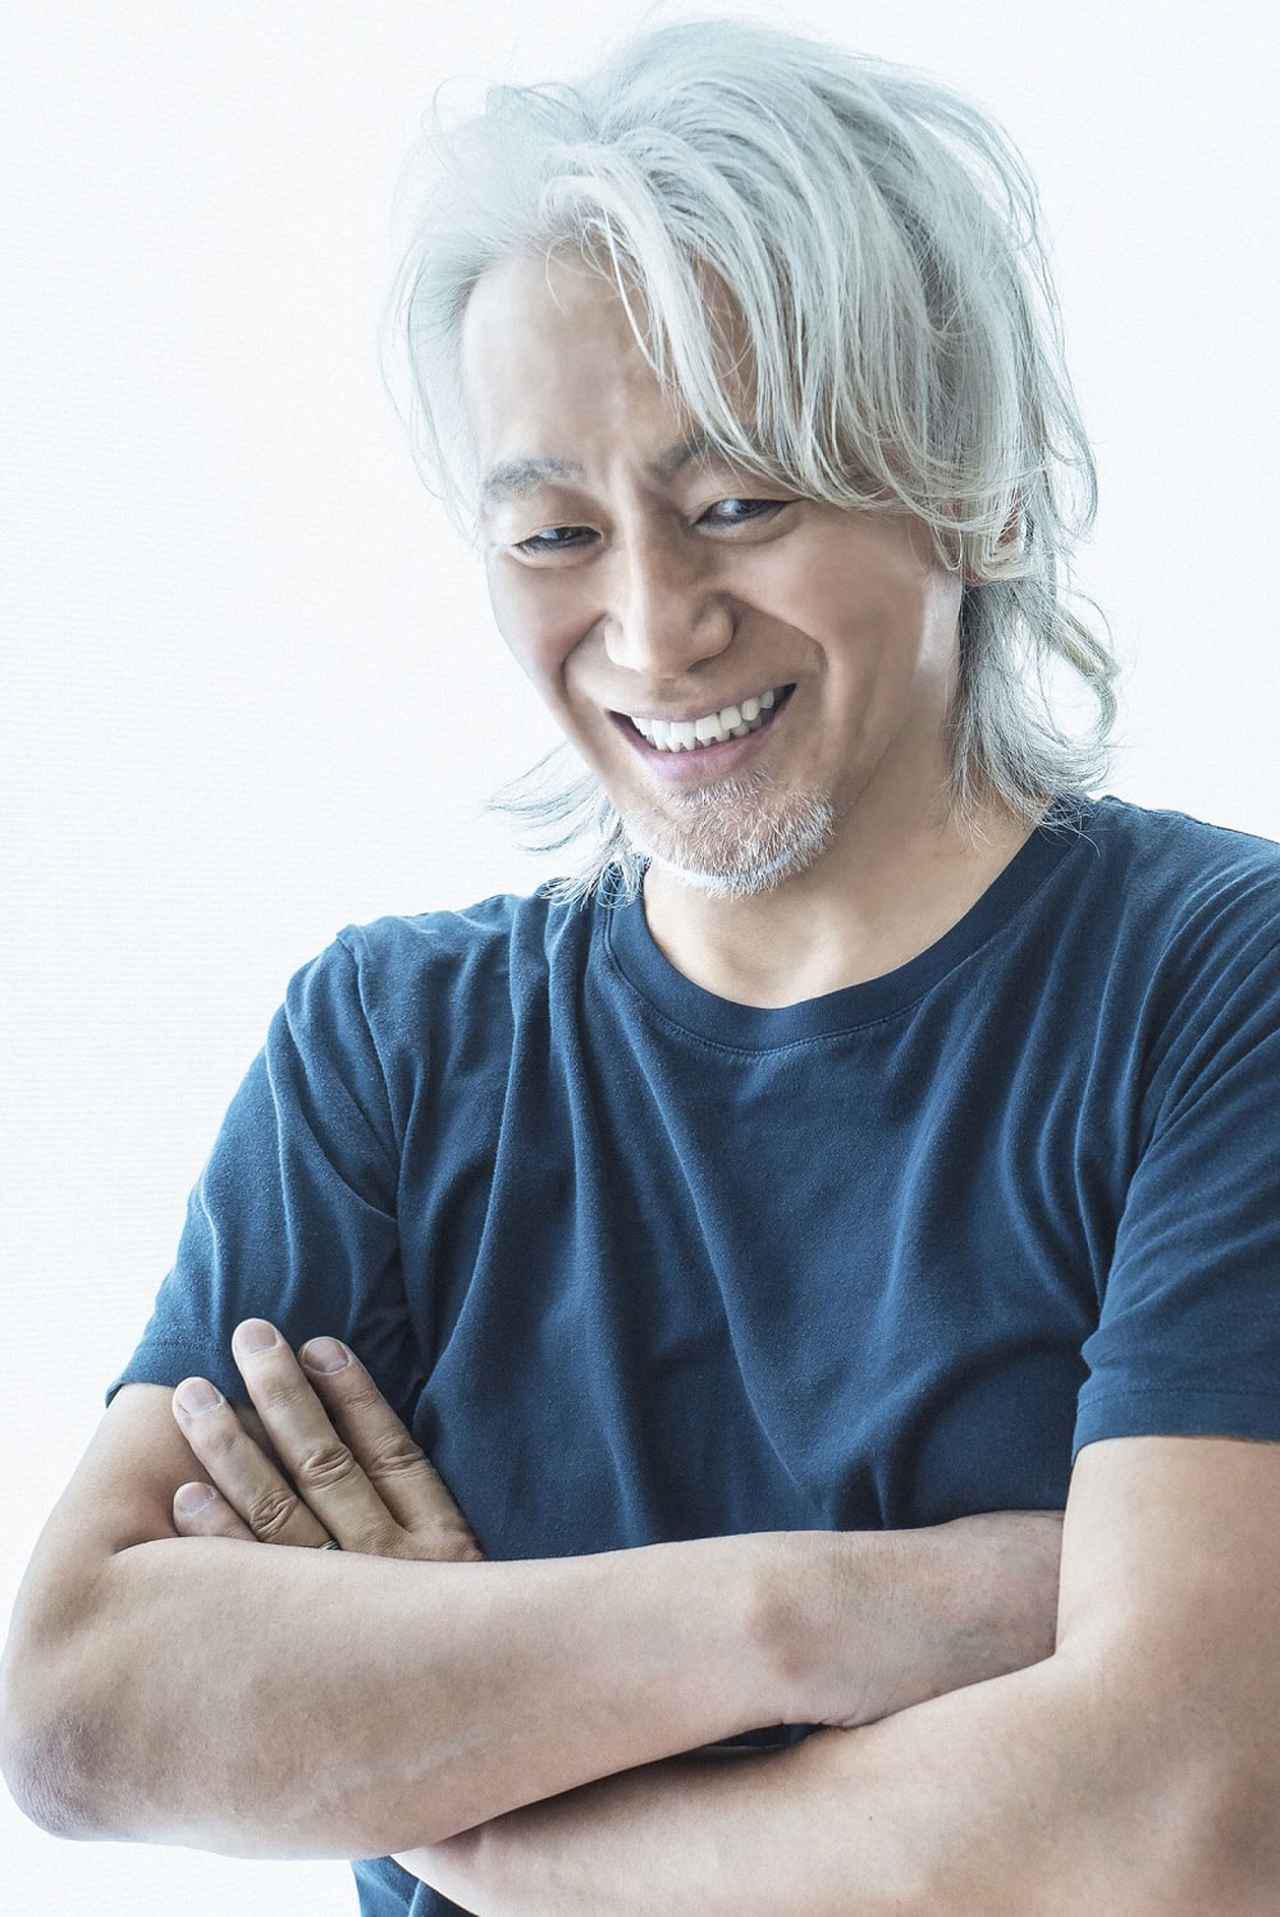 画像: 孤高のヴォーカリスト「玉置浩二」、6年振りのニューアルバムの収録楽曲決定!!